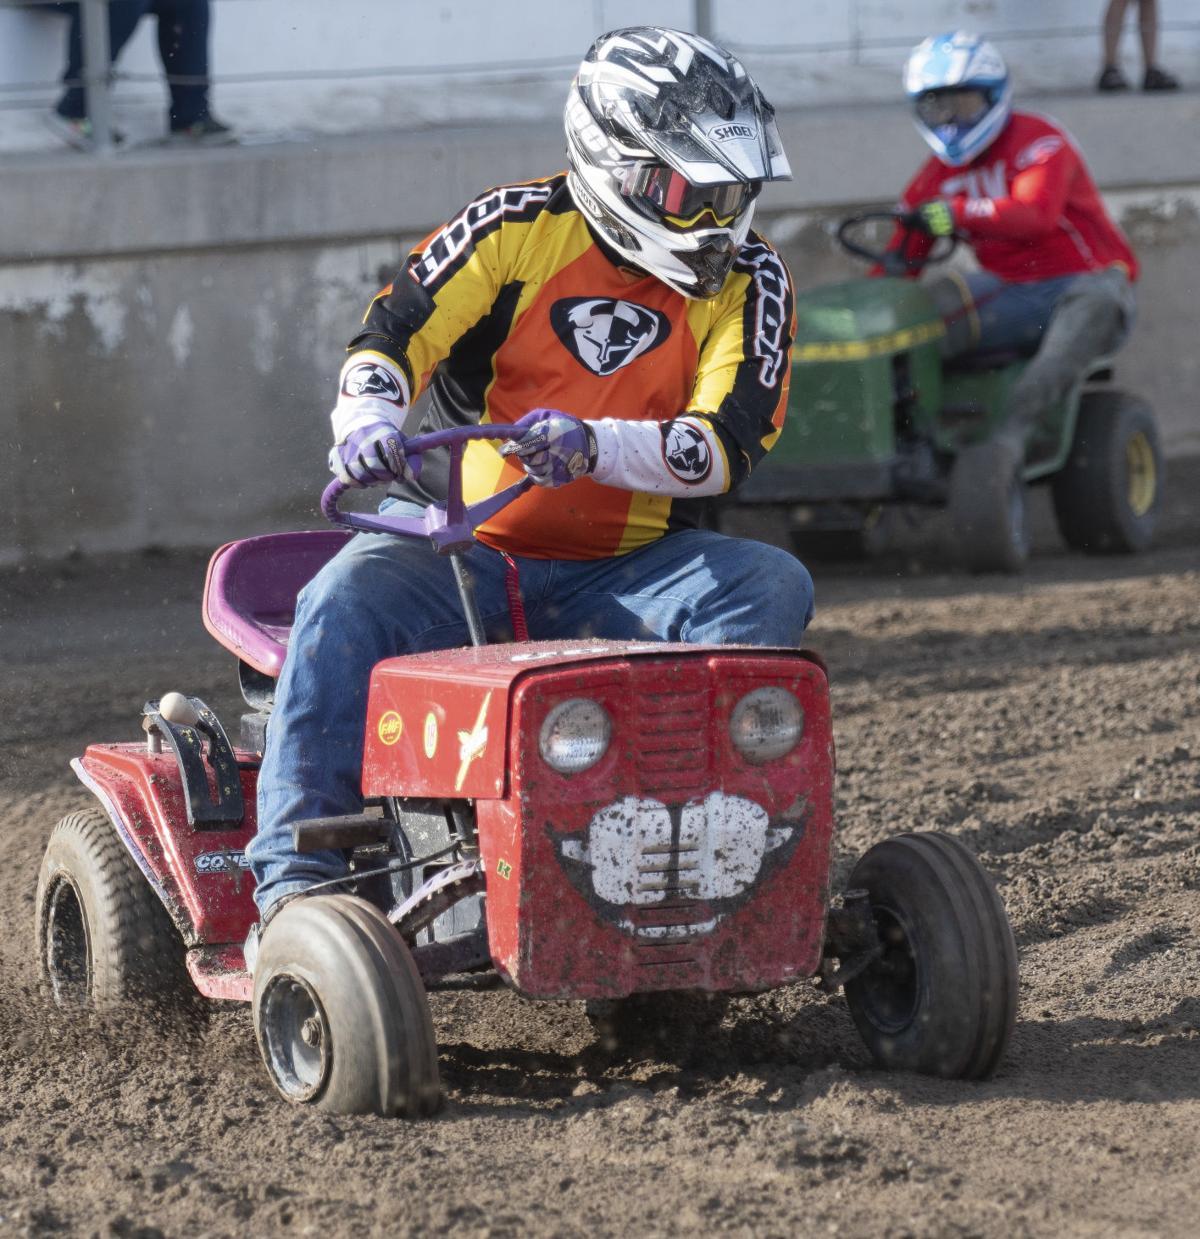 Minidoka County Fair - Lawn Mower Races